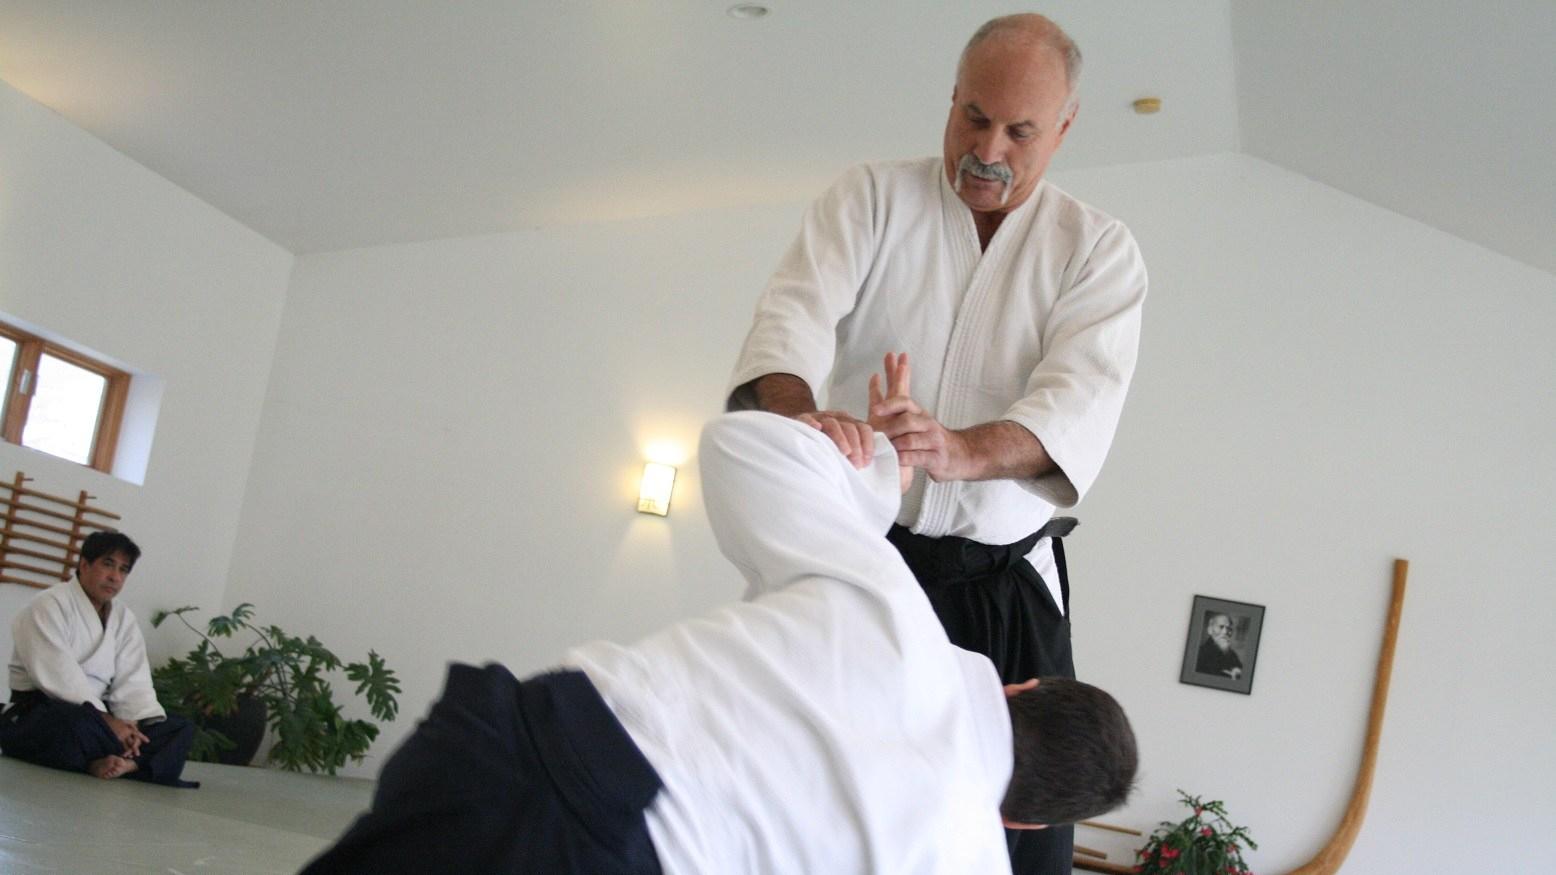 Kingston Aikido